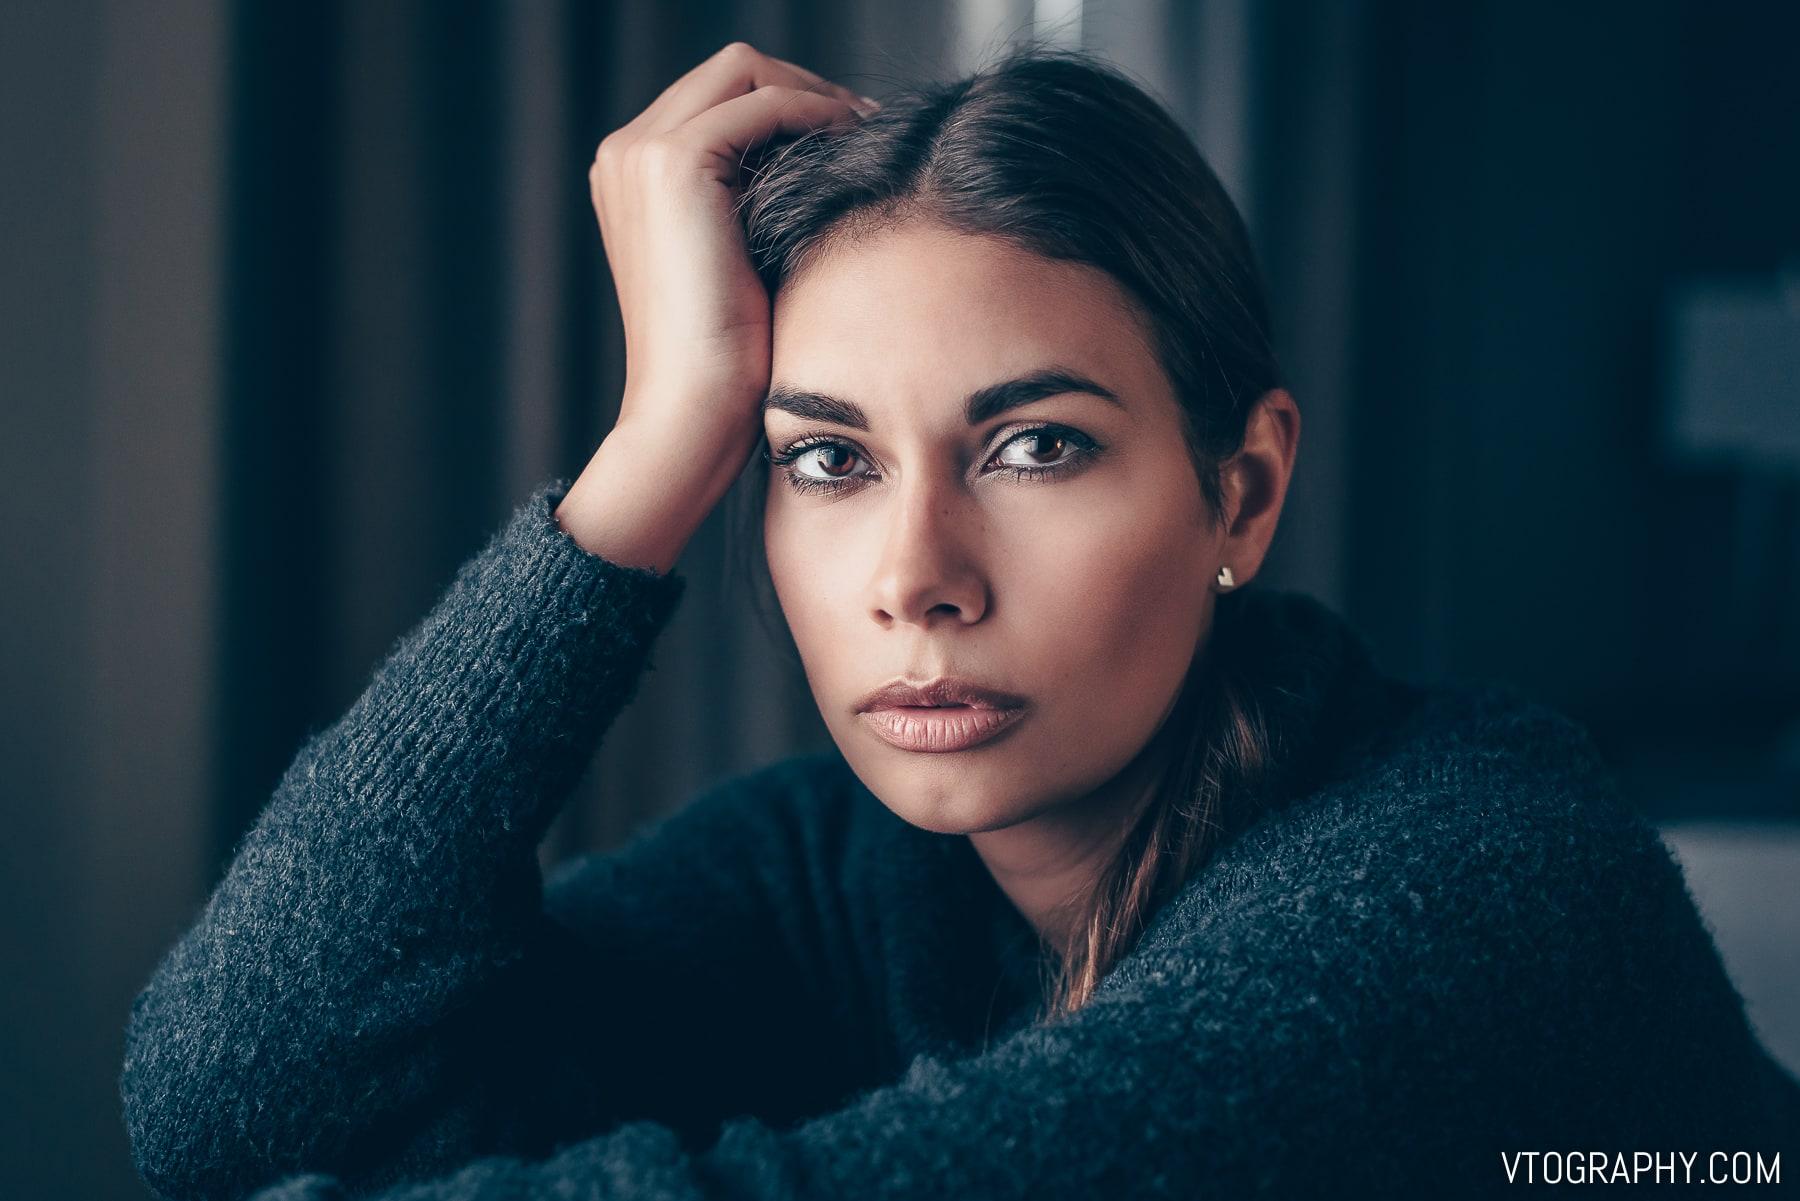 Marietta Laan